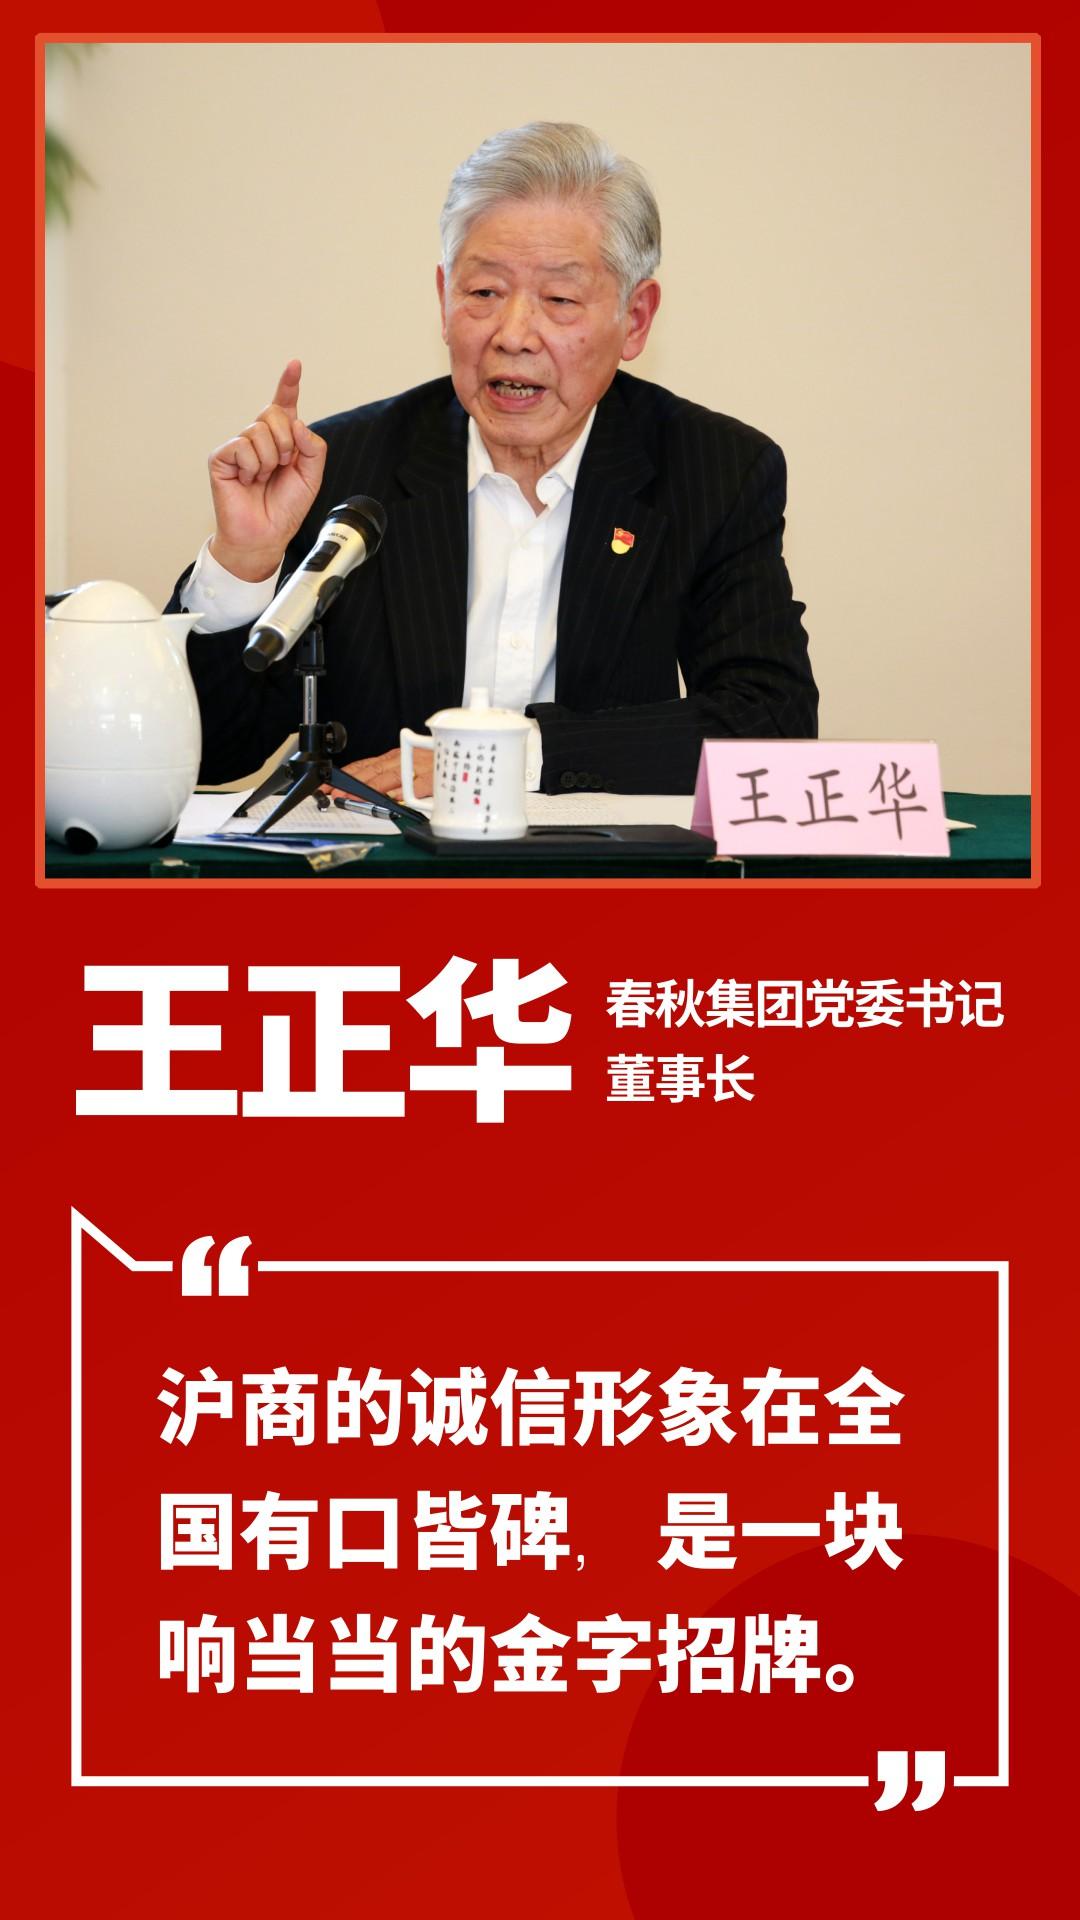 上海民营企业家上海创业精神研讨会纪实(三)